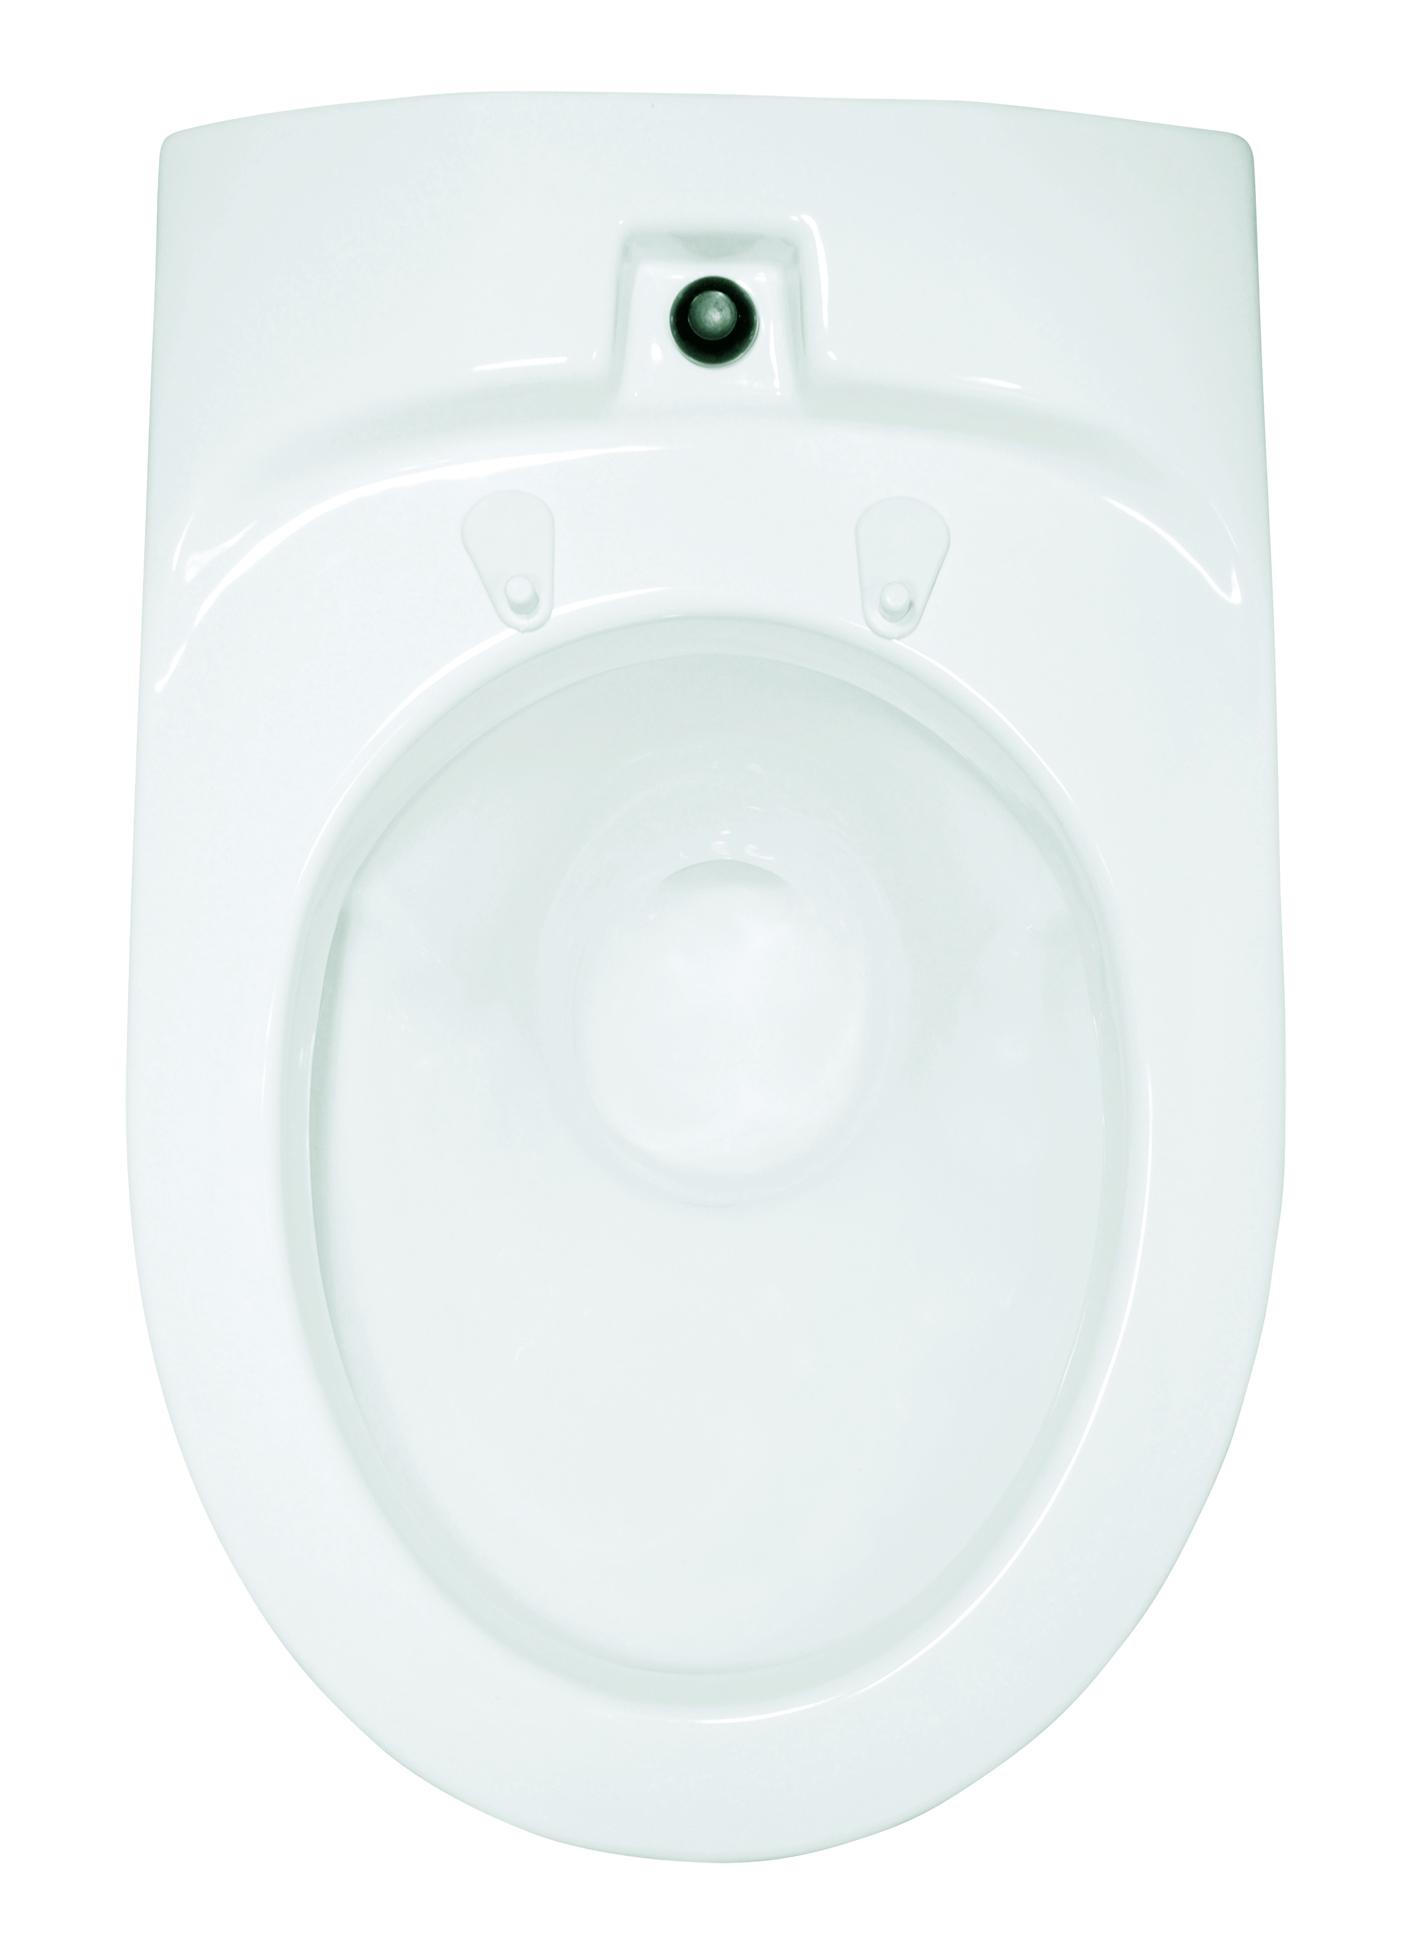 EcoVac - Extremt snålspolande WC med ca 0,6 liter per spolning! - EcoVac är en fantastisk toalett med banbrytande och unik teknik som gör det möjligt att spola så lite som mellan 0,2-0,6 liter per spolning. En extremt snålspolande toalett som gör det möjligt att kunna få en riktig toalettupplevelse var du än bor någonstans!